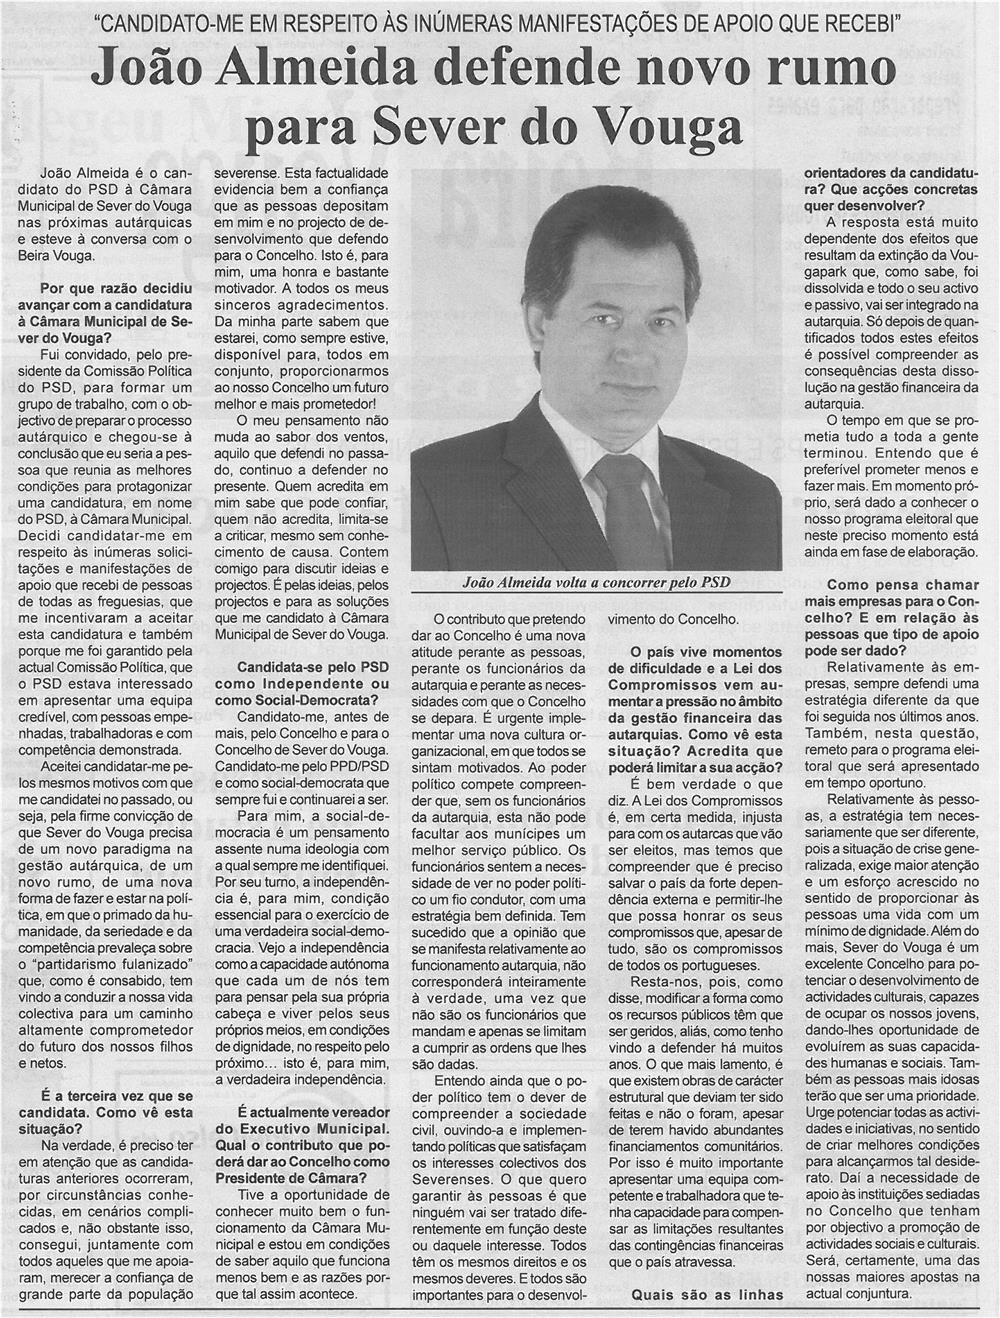 BV-2ªabr13-p2-João Almeida defende novo rumo para Sever do Vouga